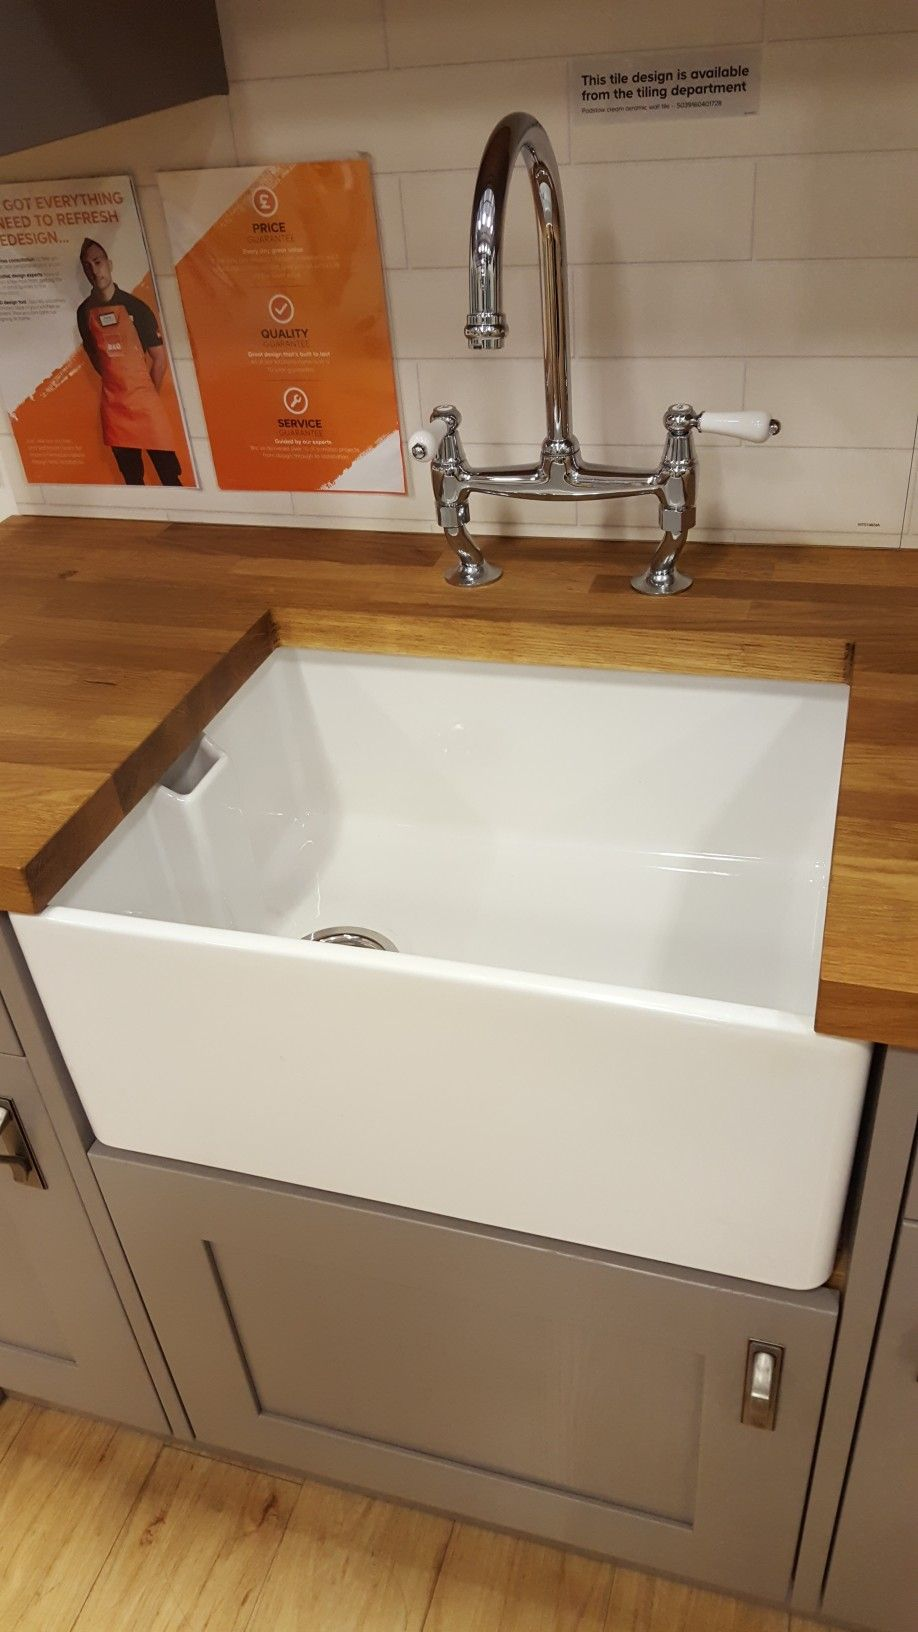 Belfast Sink B Q Dream Kitchen Sink House Goals